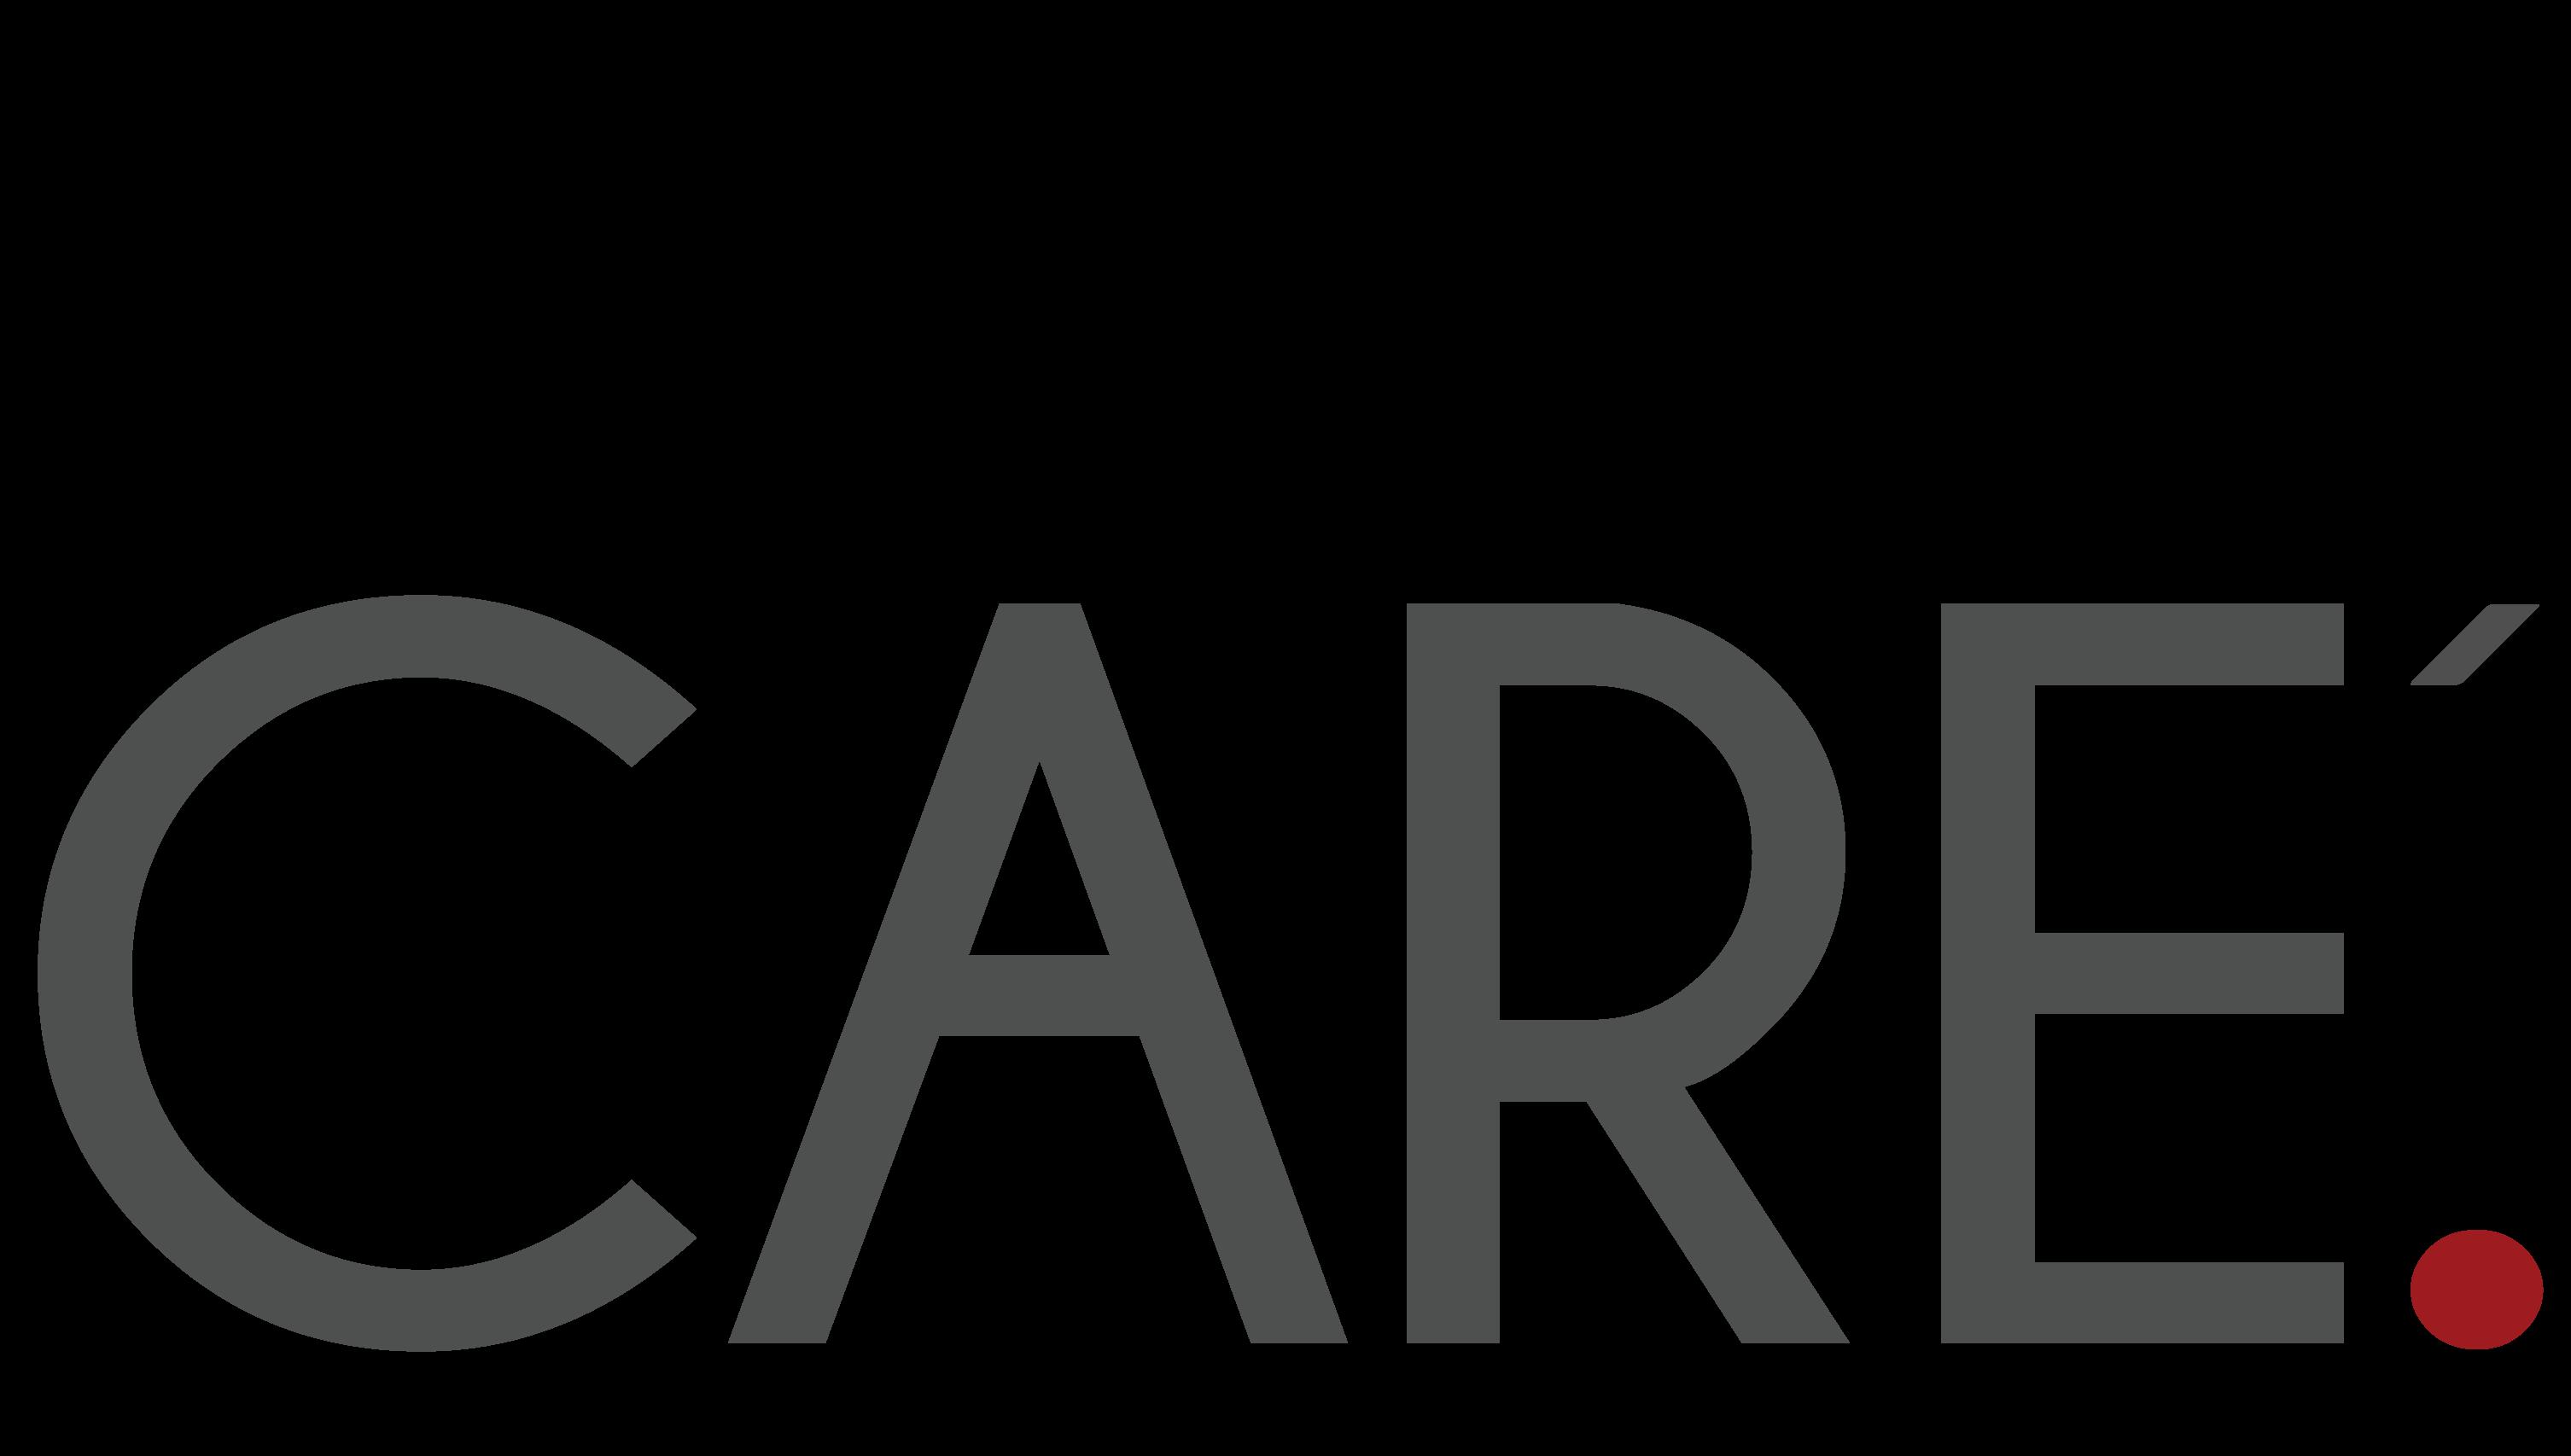 Alessandro Caré